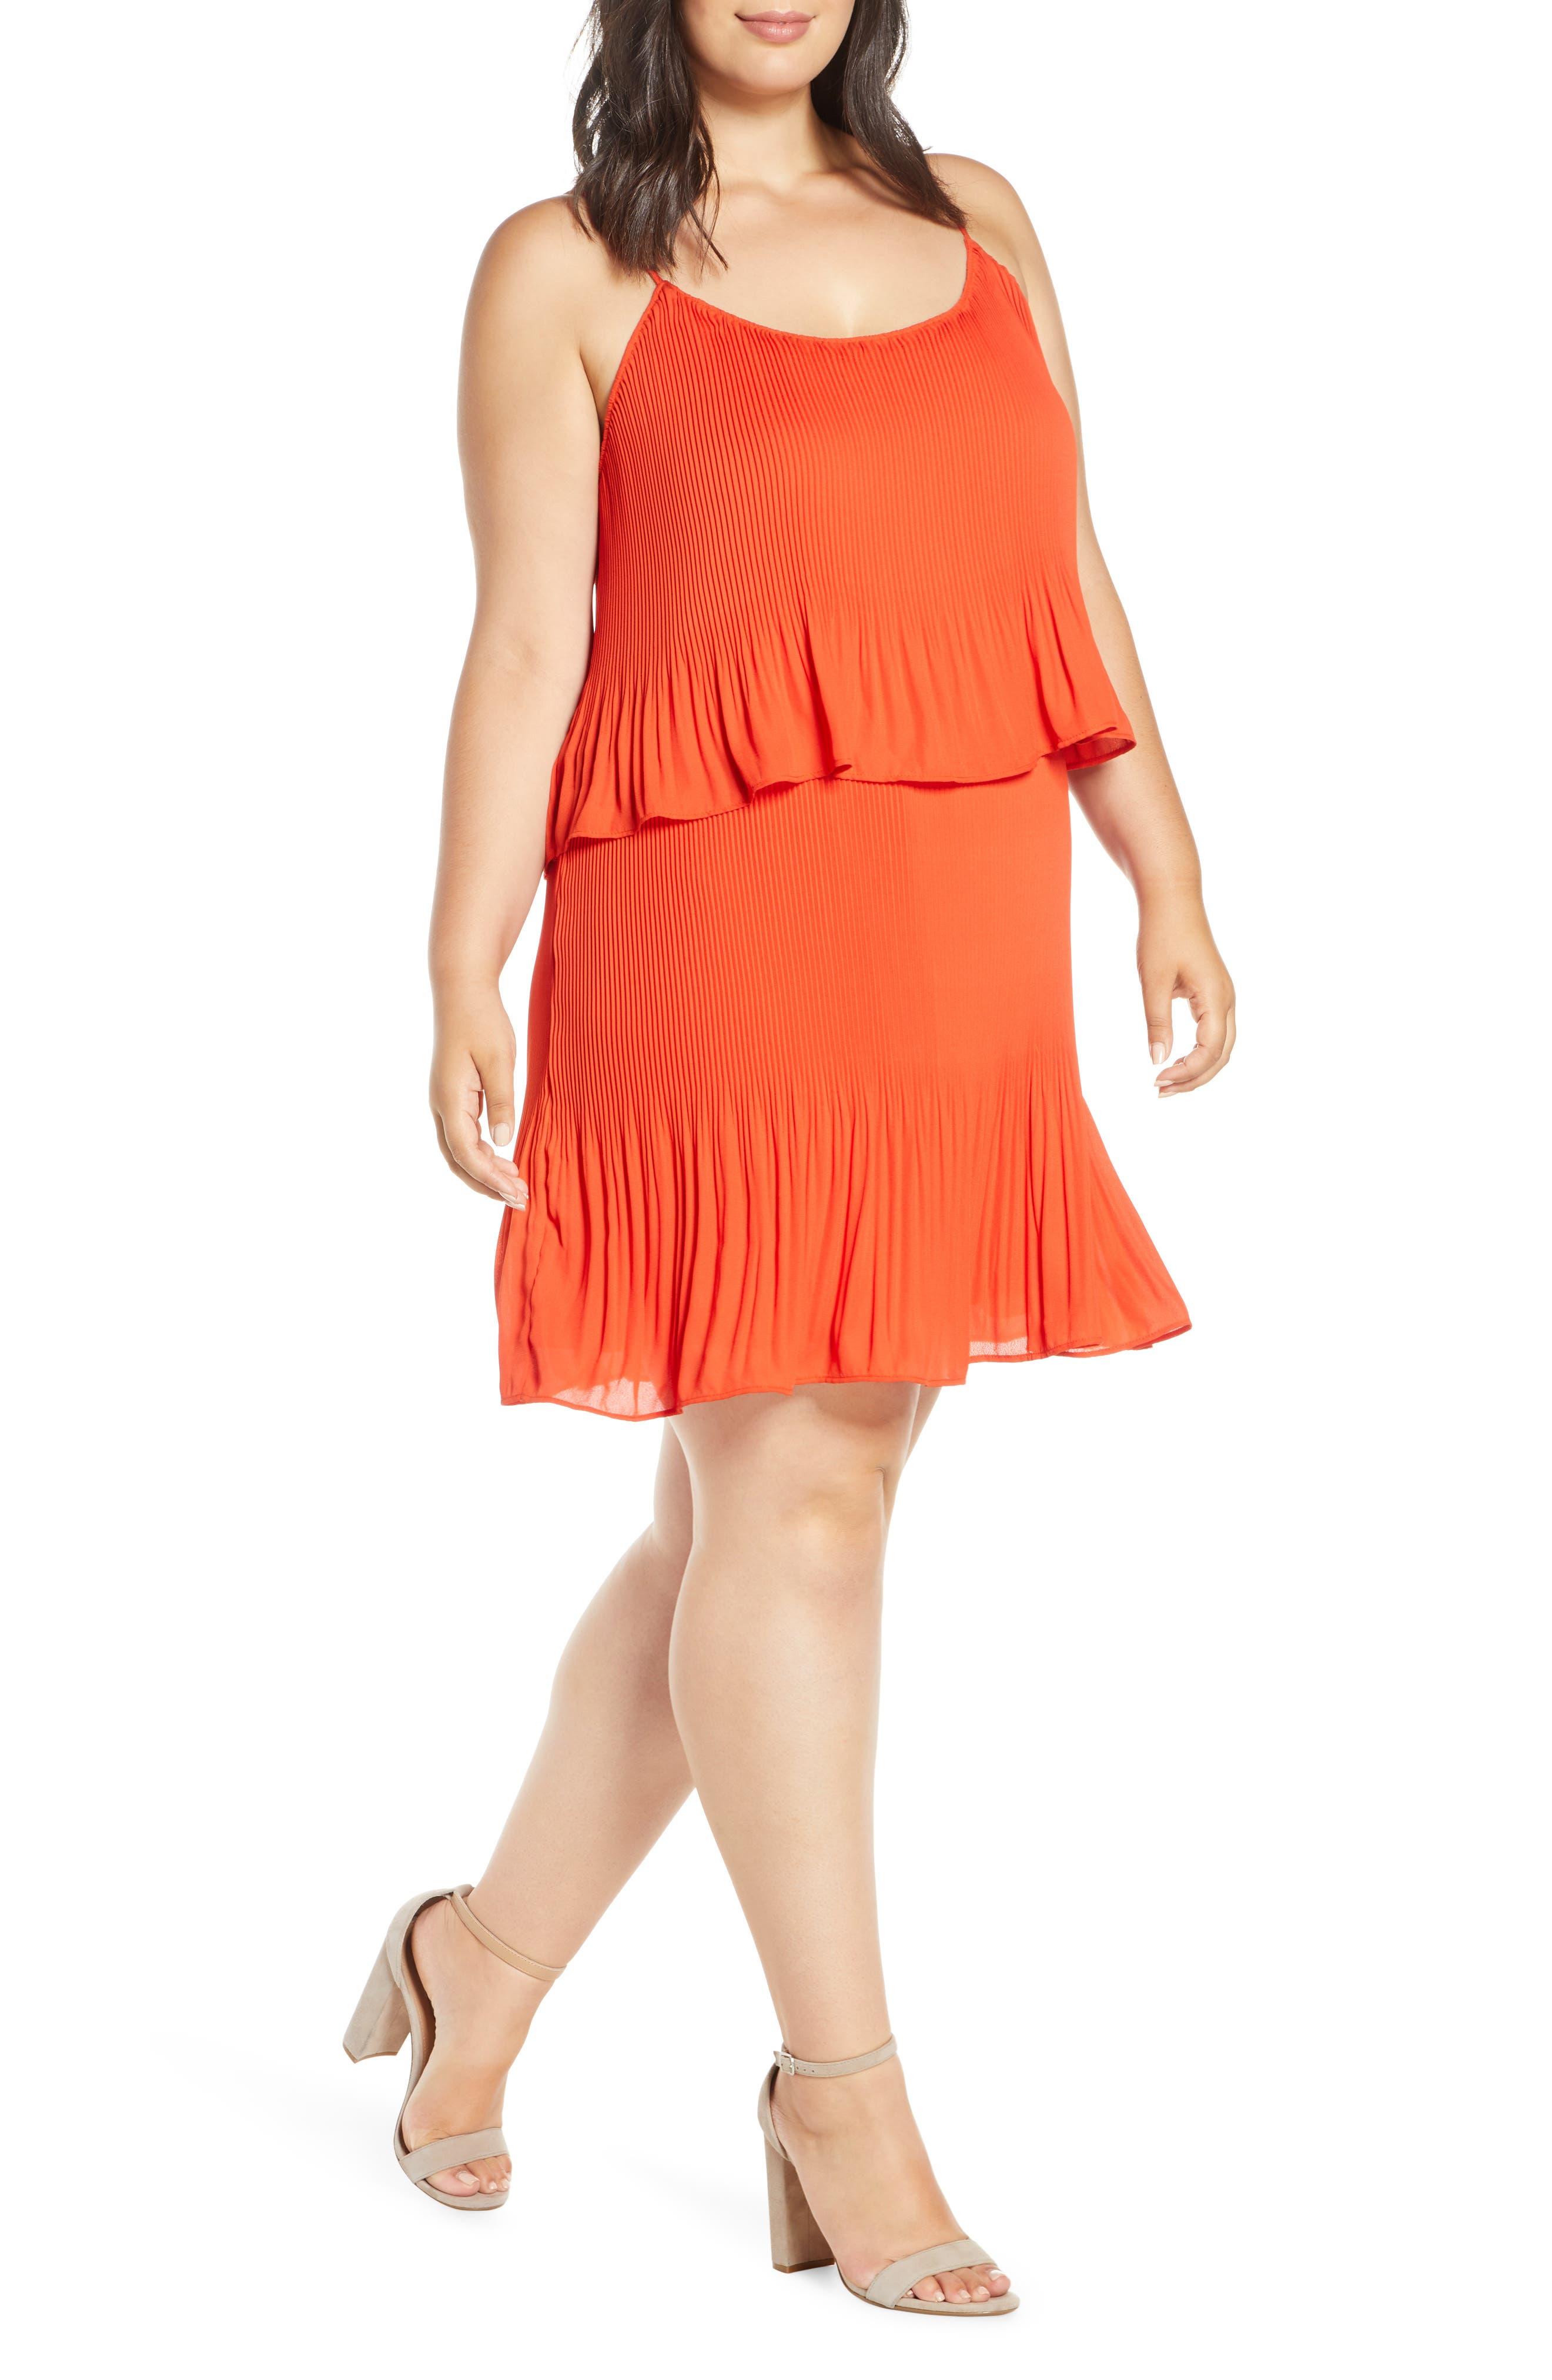 Plus Size Women's Gibson X City Safari Tara Gibson Pleated Popover Dress